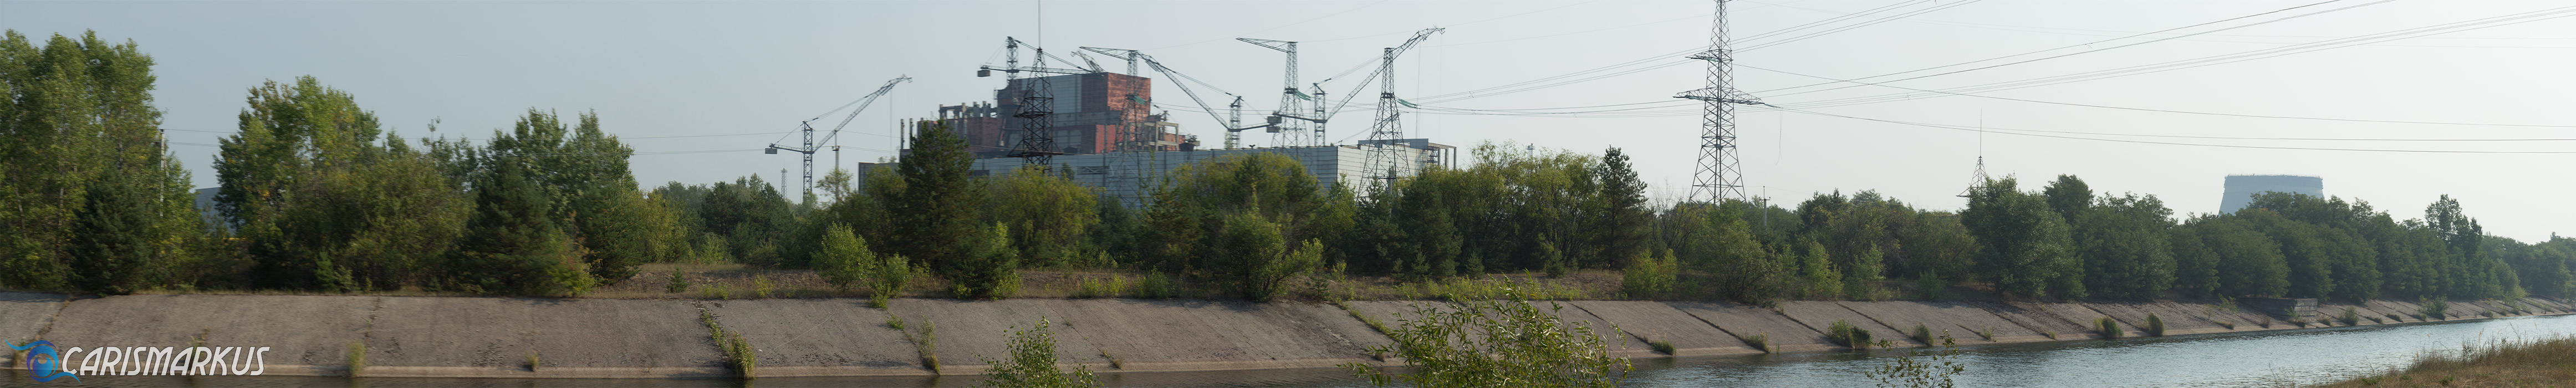 Baustelle Reaktor 5+6